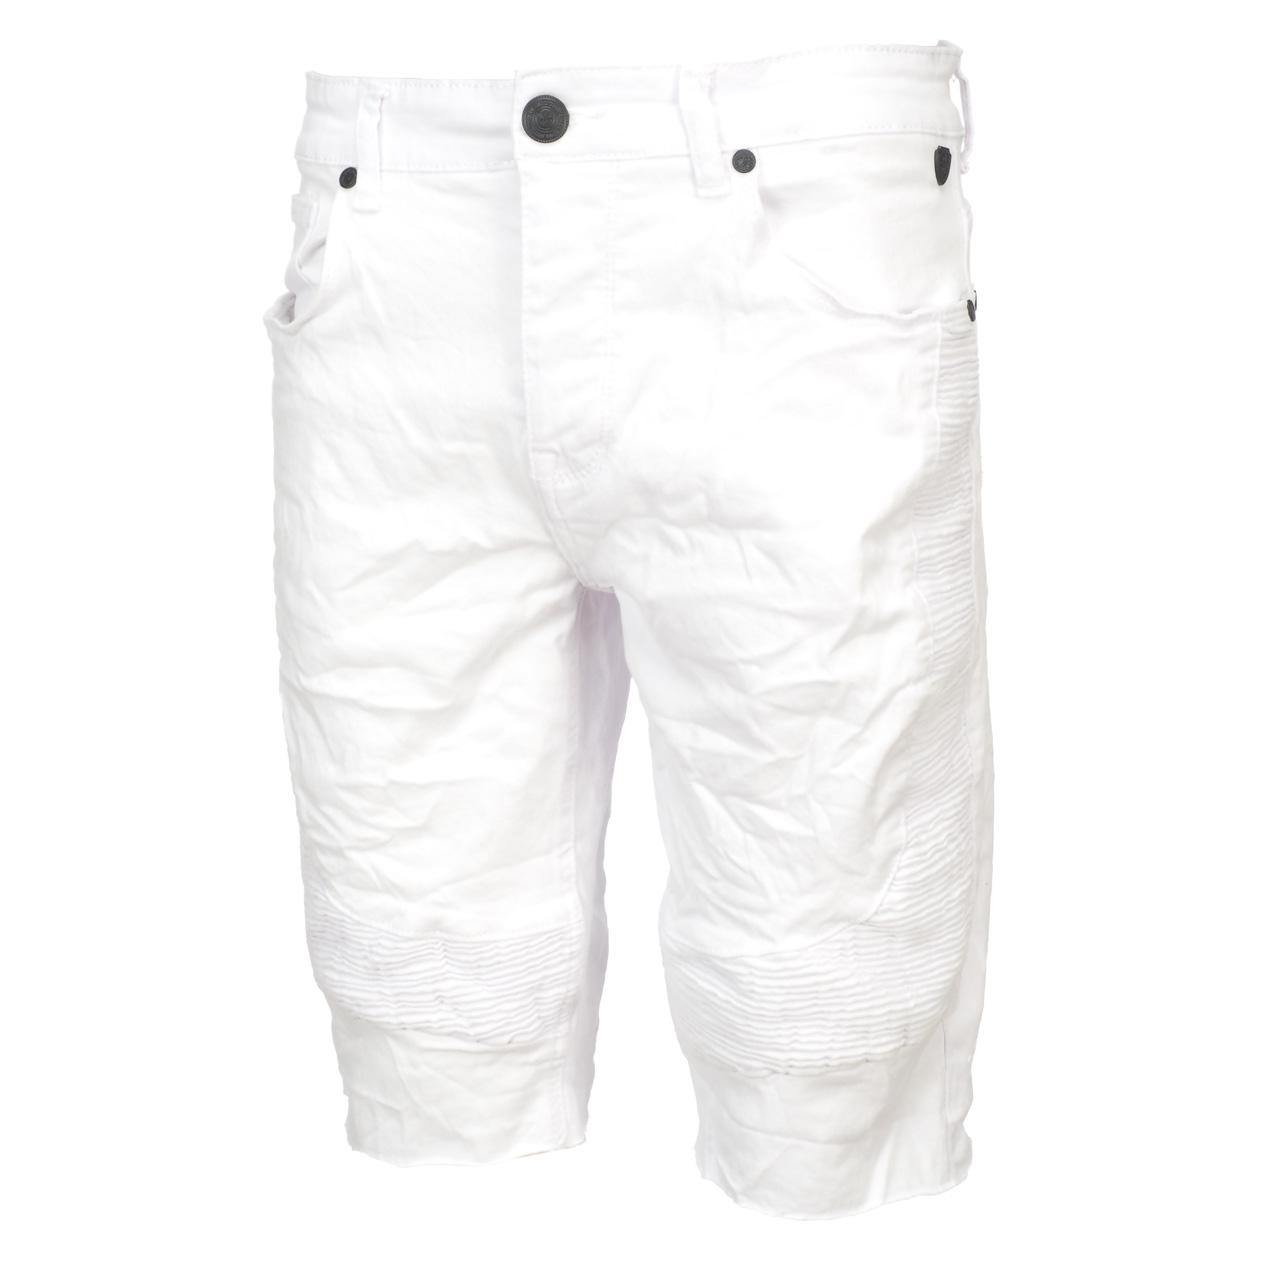 Bermuda-Shorts-Hite-Couture-Vibrate-White-Bermuda-White-11650-New